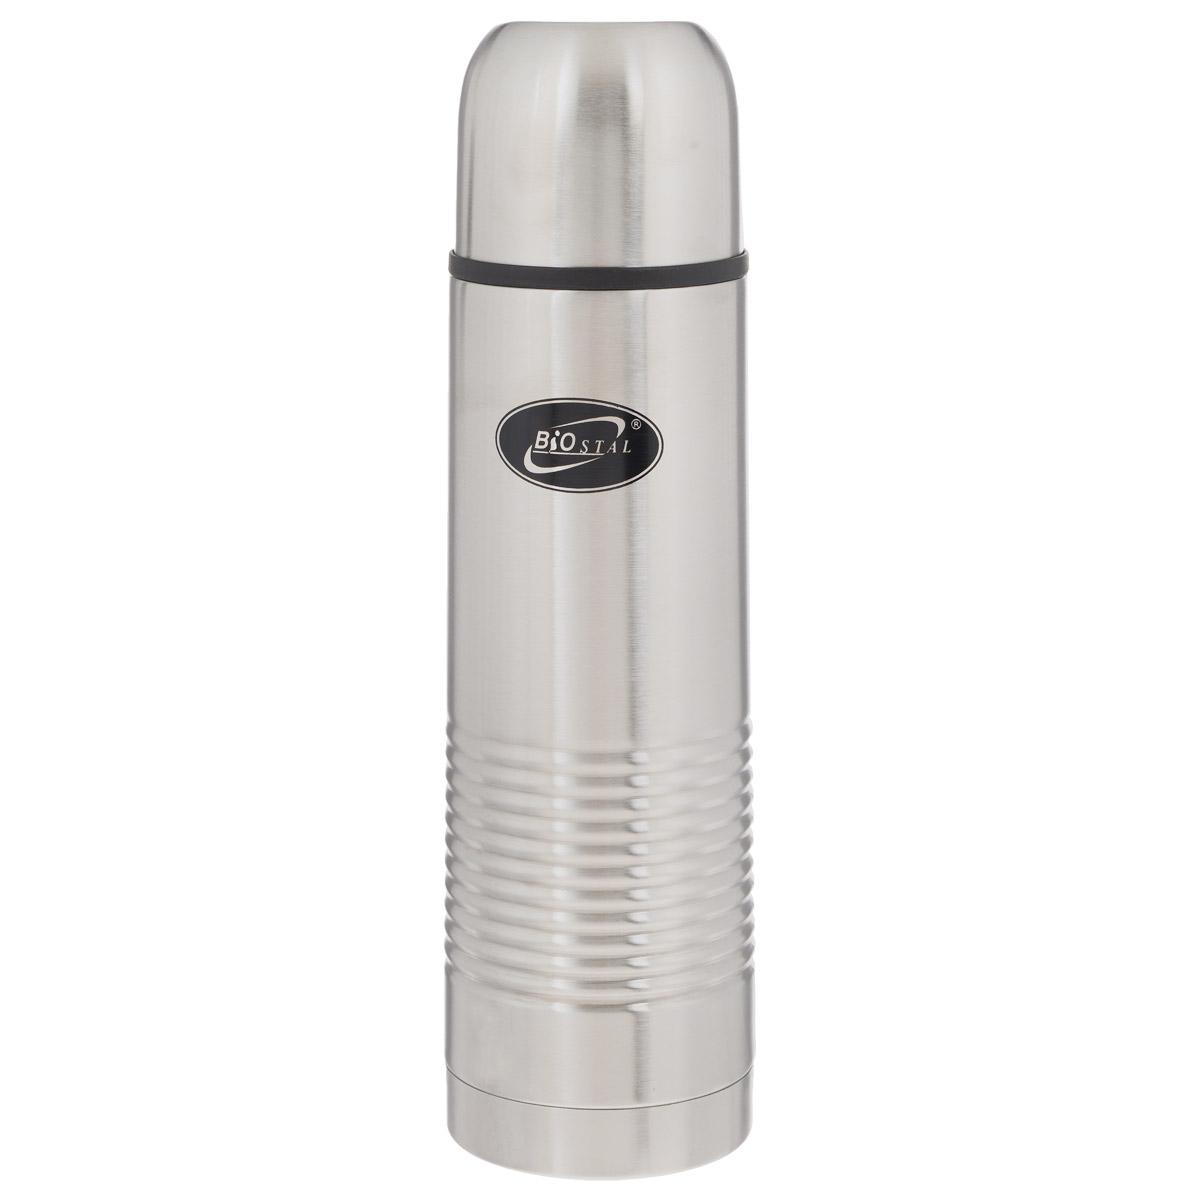 Термос BIOSTAL, в чехле, 500 мл. NB-500-BNB-500-BТермос с узким горлом BIOSTAL, изготовленный из высококачественной нержавеющей стали, относится к классической серии. Термосы этой серии, являющейся лидером продаж, просты в использовании, экономичны и многофункциональны. Термос предназначен для хранения горячих и холодных напитков (чая, кофе) и укомплектован пробкой с кнопкой. Такая пробка удобна в использовании и позволяет, не отвинчивая ее, наливать напитки после простого нажатия. Изделие также оснащено крышкой-чашкой и текстильным чехлом для хранения и переноски термоса. Легкий и прочный термос BIOSTAL сохранит ваши напитки горячими или холодными надолго.